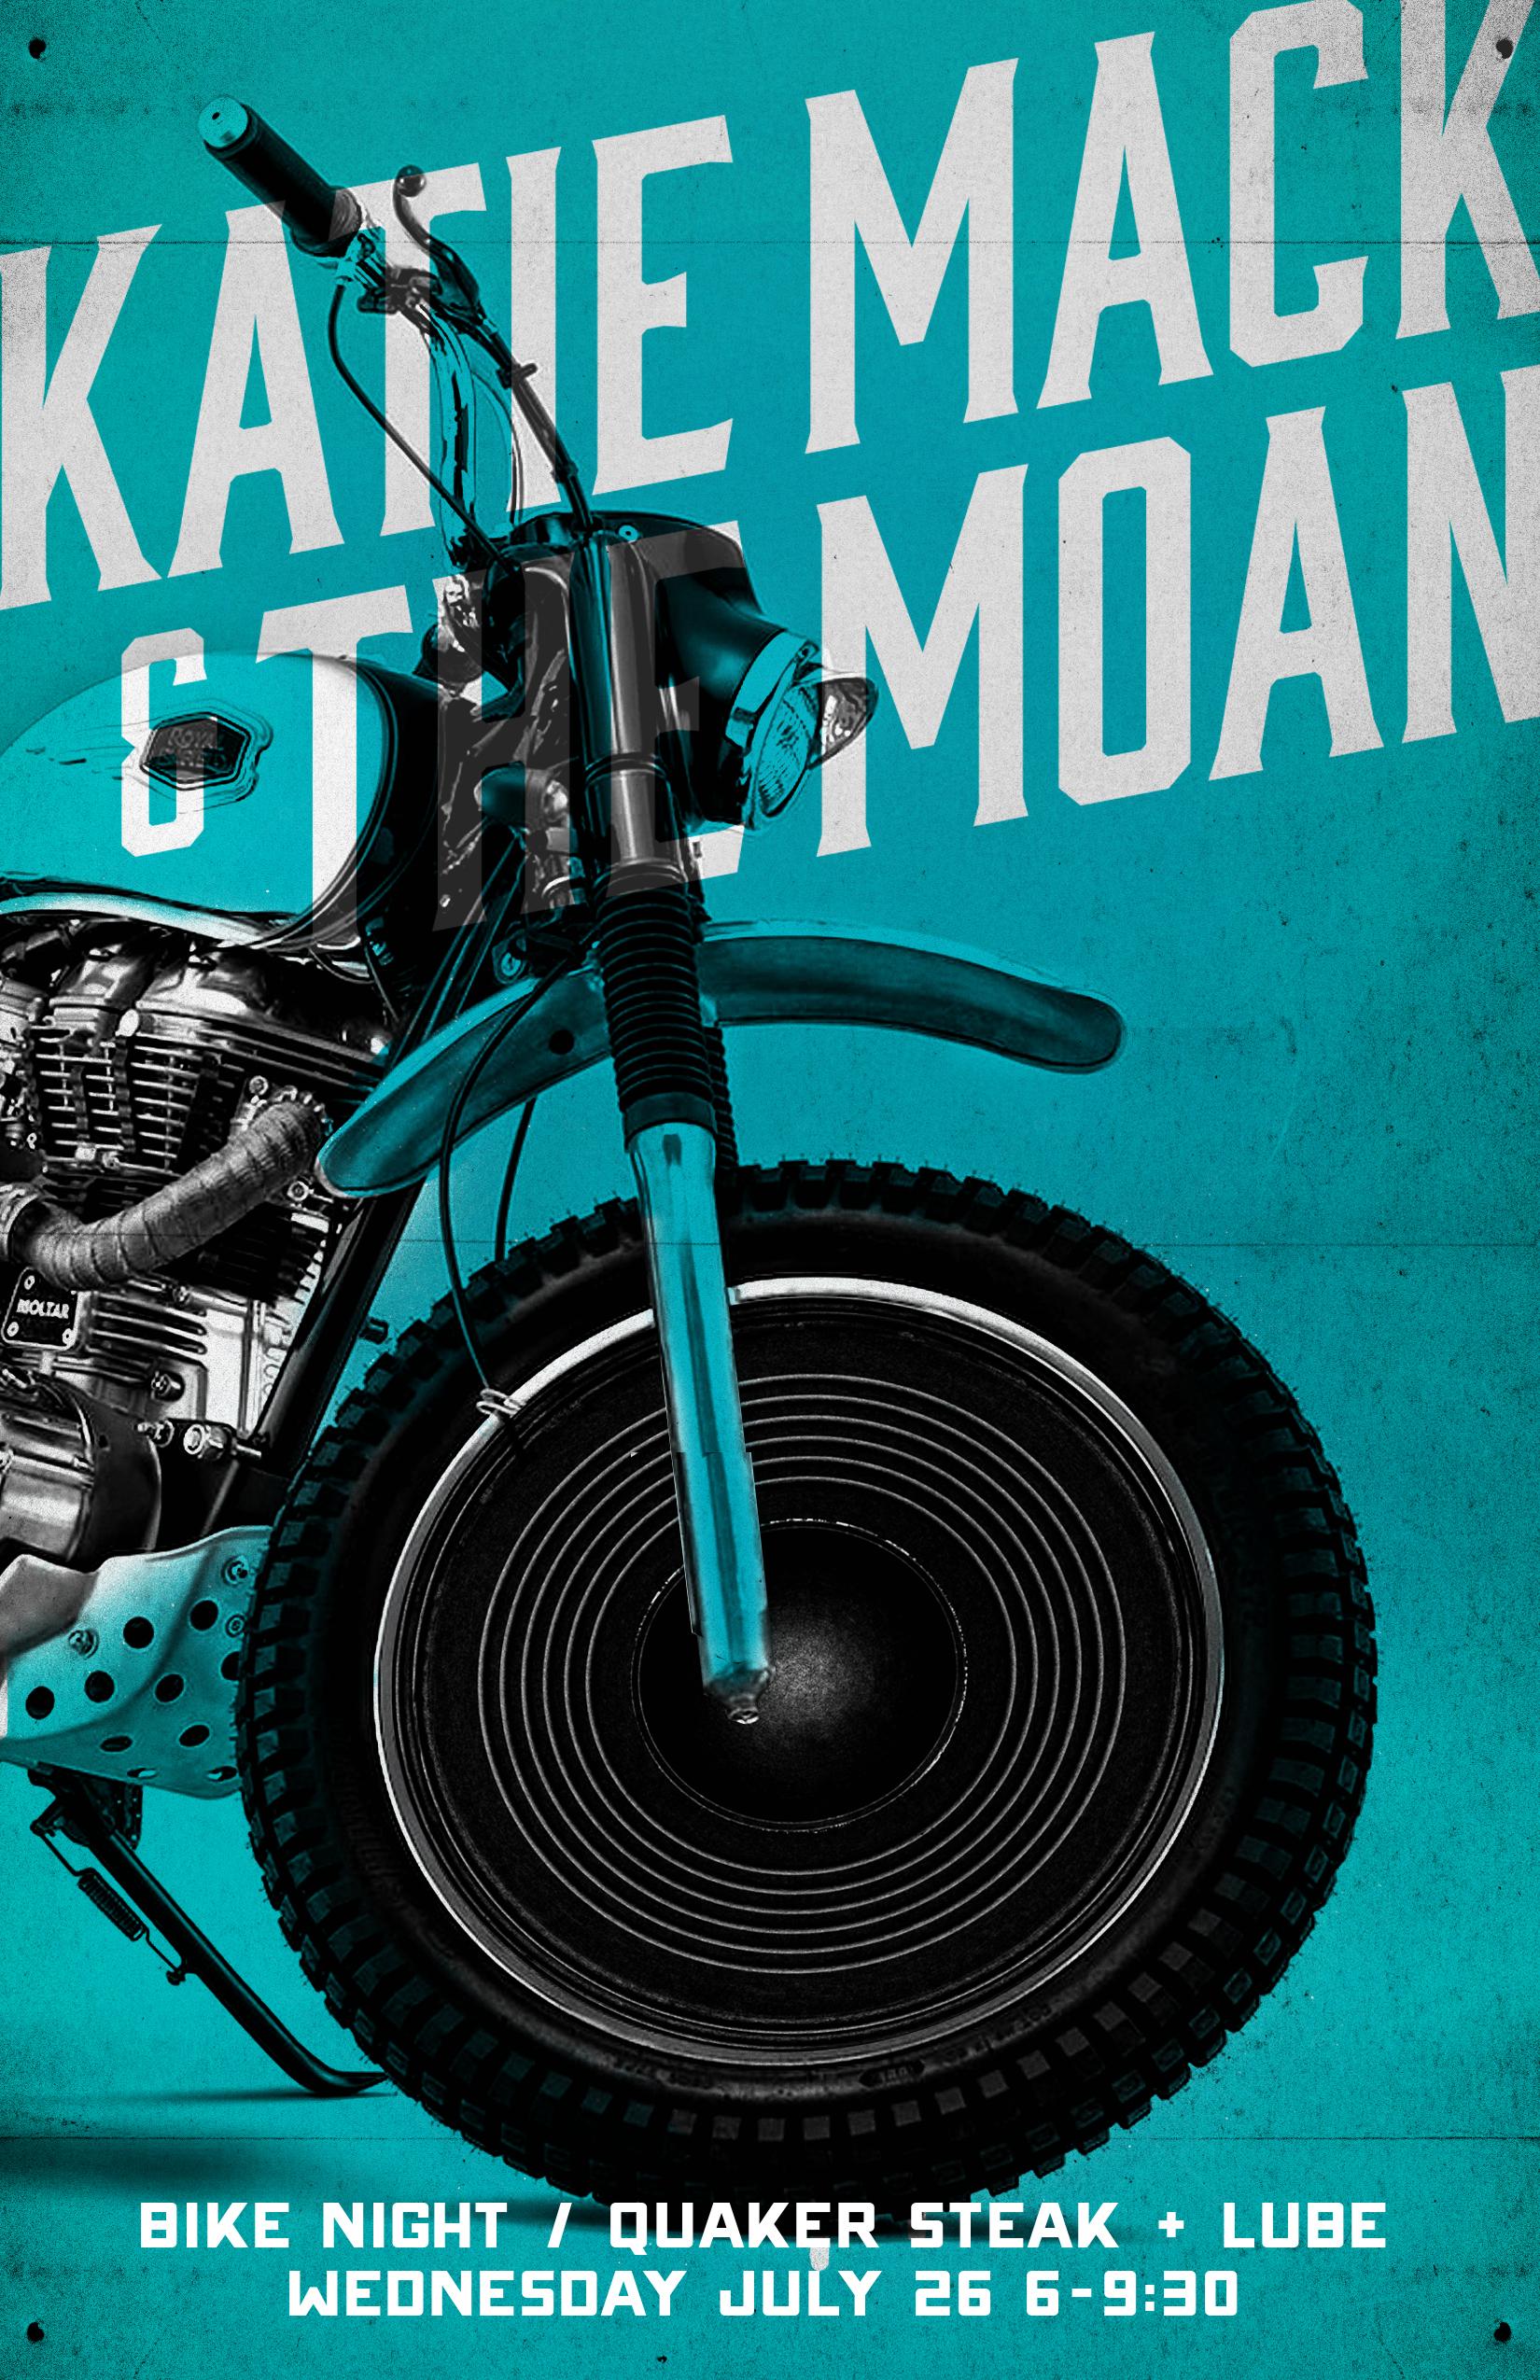 KMTM_Motorcycle.jpg